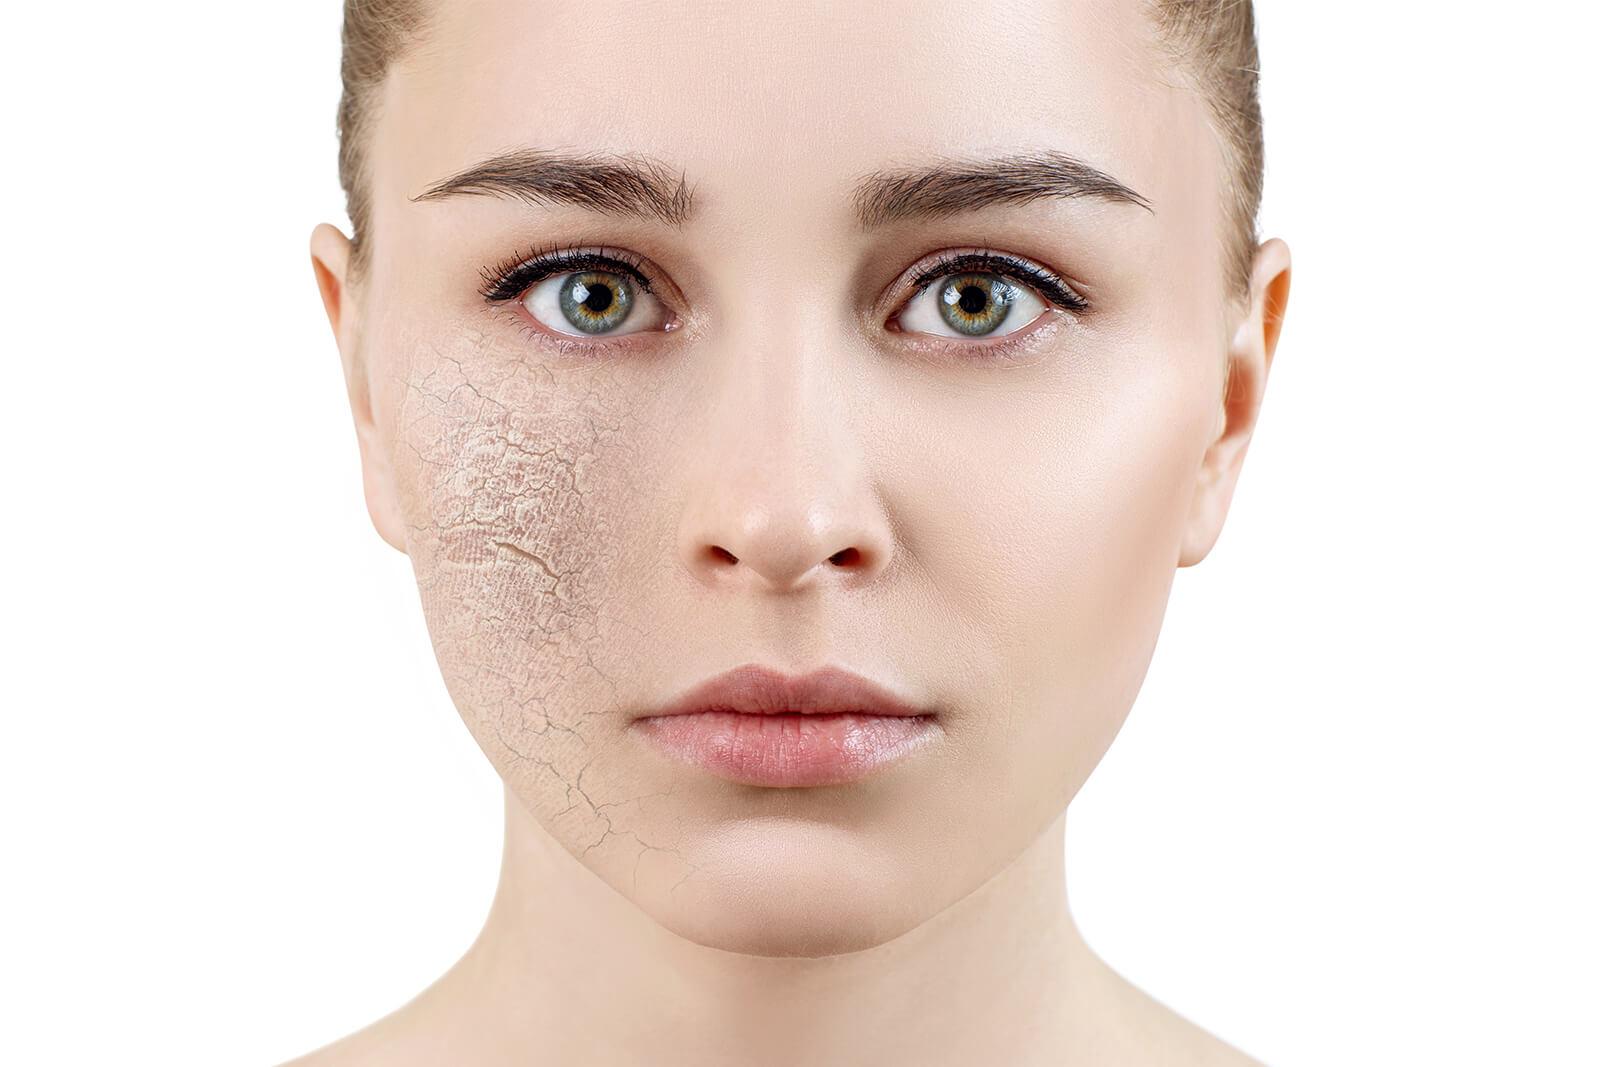 visage - Peau sans éclat, sécheresse cutanée, pores dilatés 2